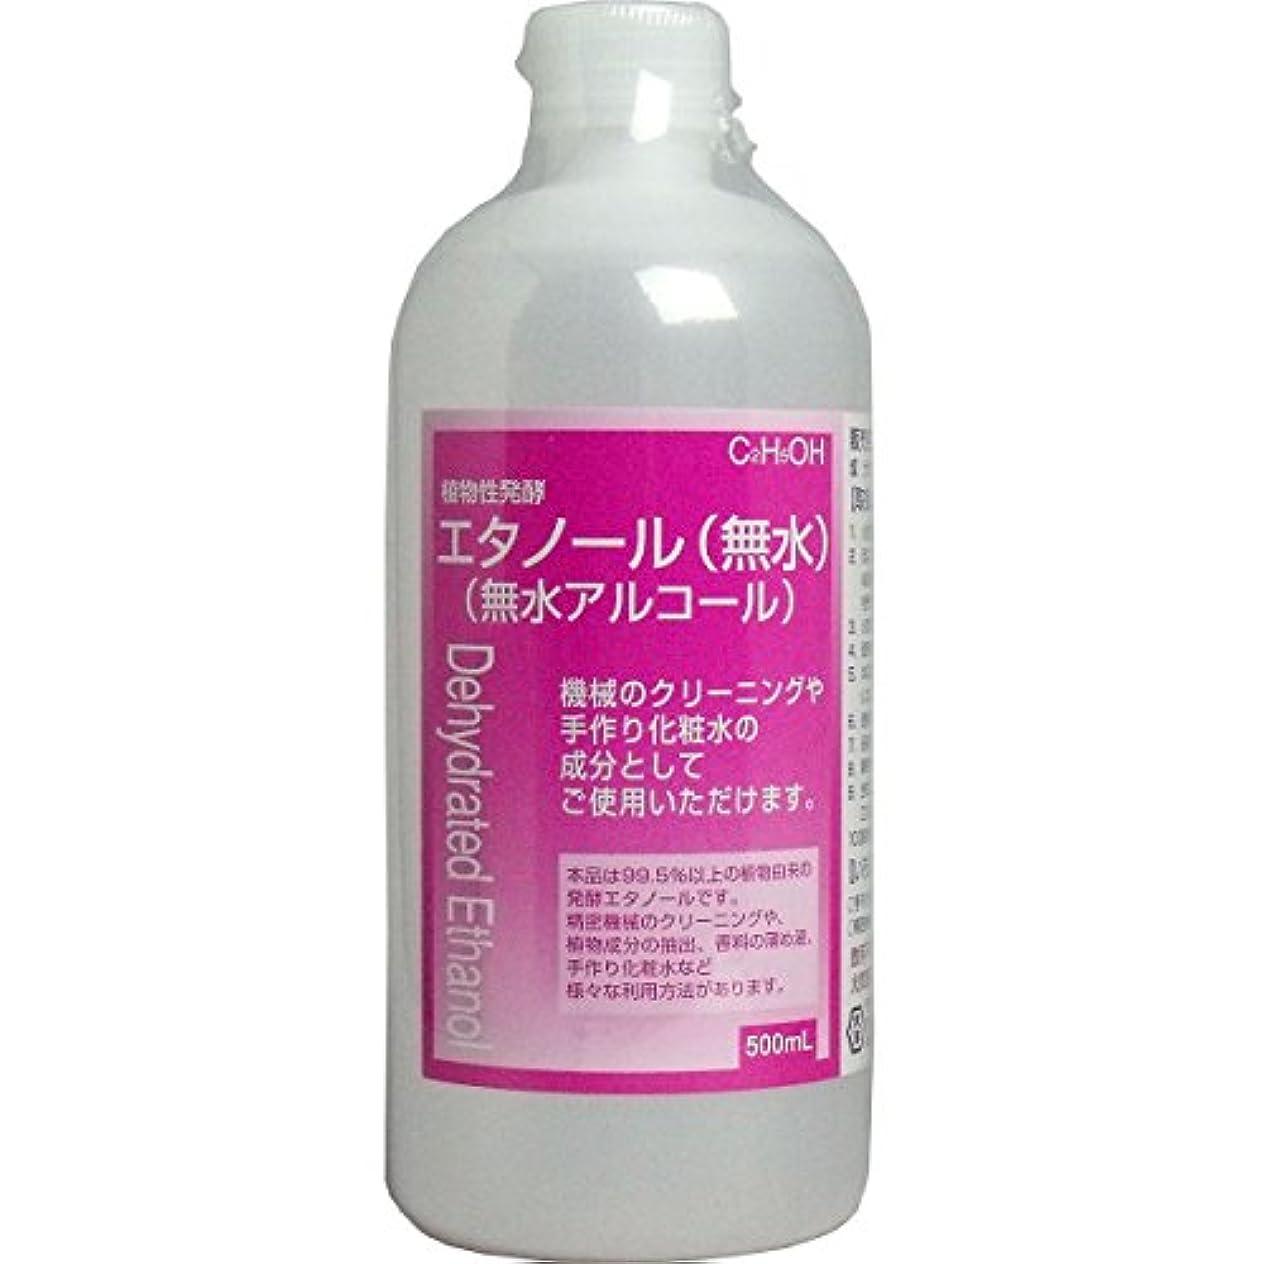 詳細な仕事荒涼とした手作り化粧水に 植物性発酵エタノール(無水エタノール) 500mL